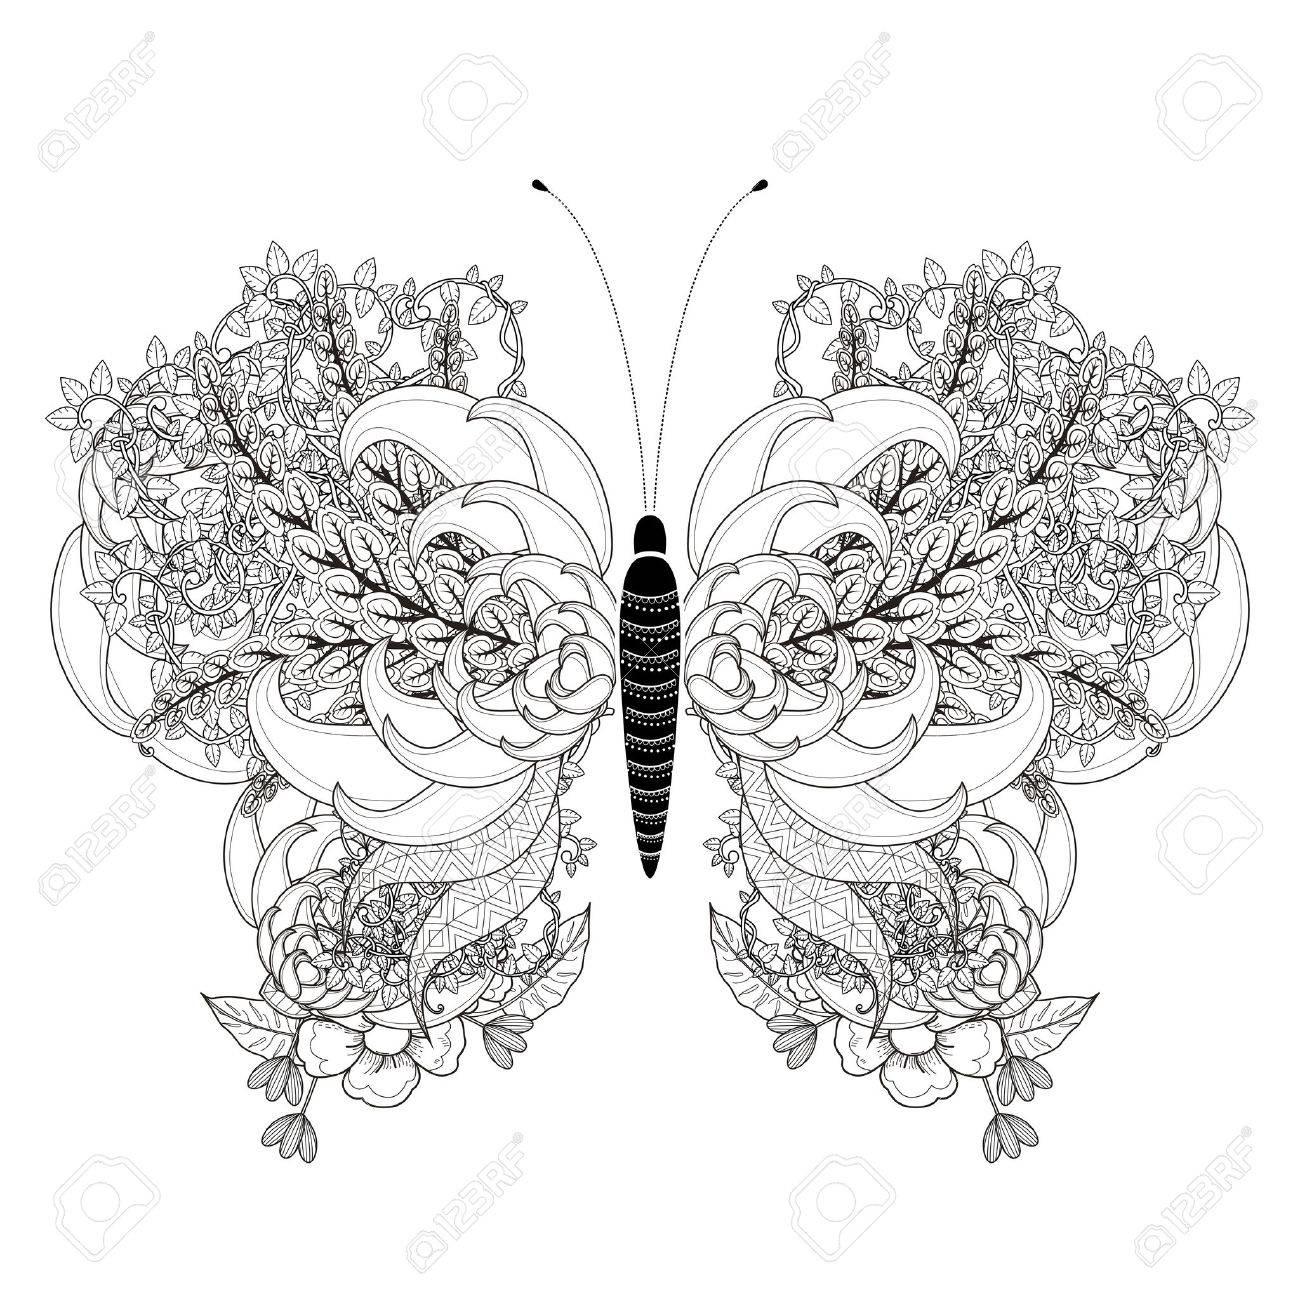 Gemütlich Schmetterlinge Färbung Seite Bilder - Malvorlagen Von ...